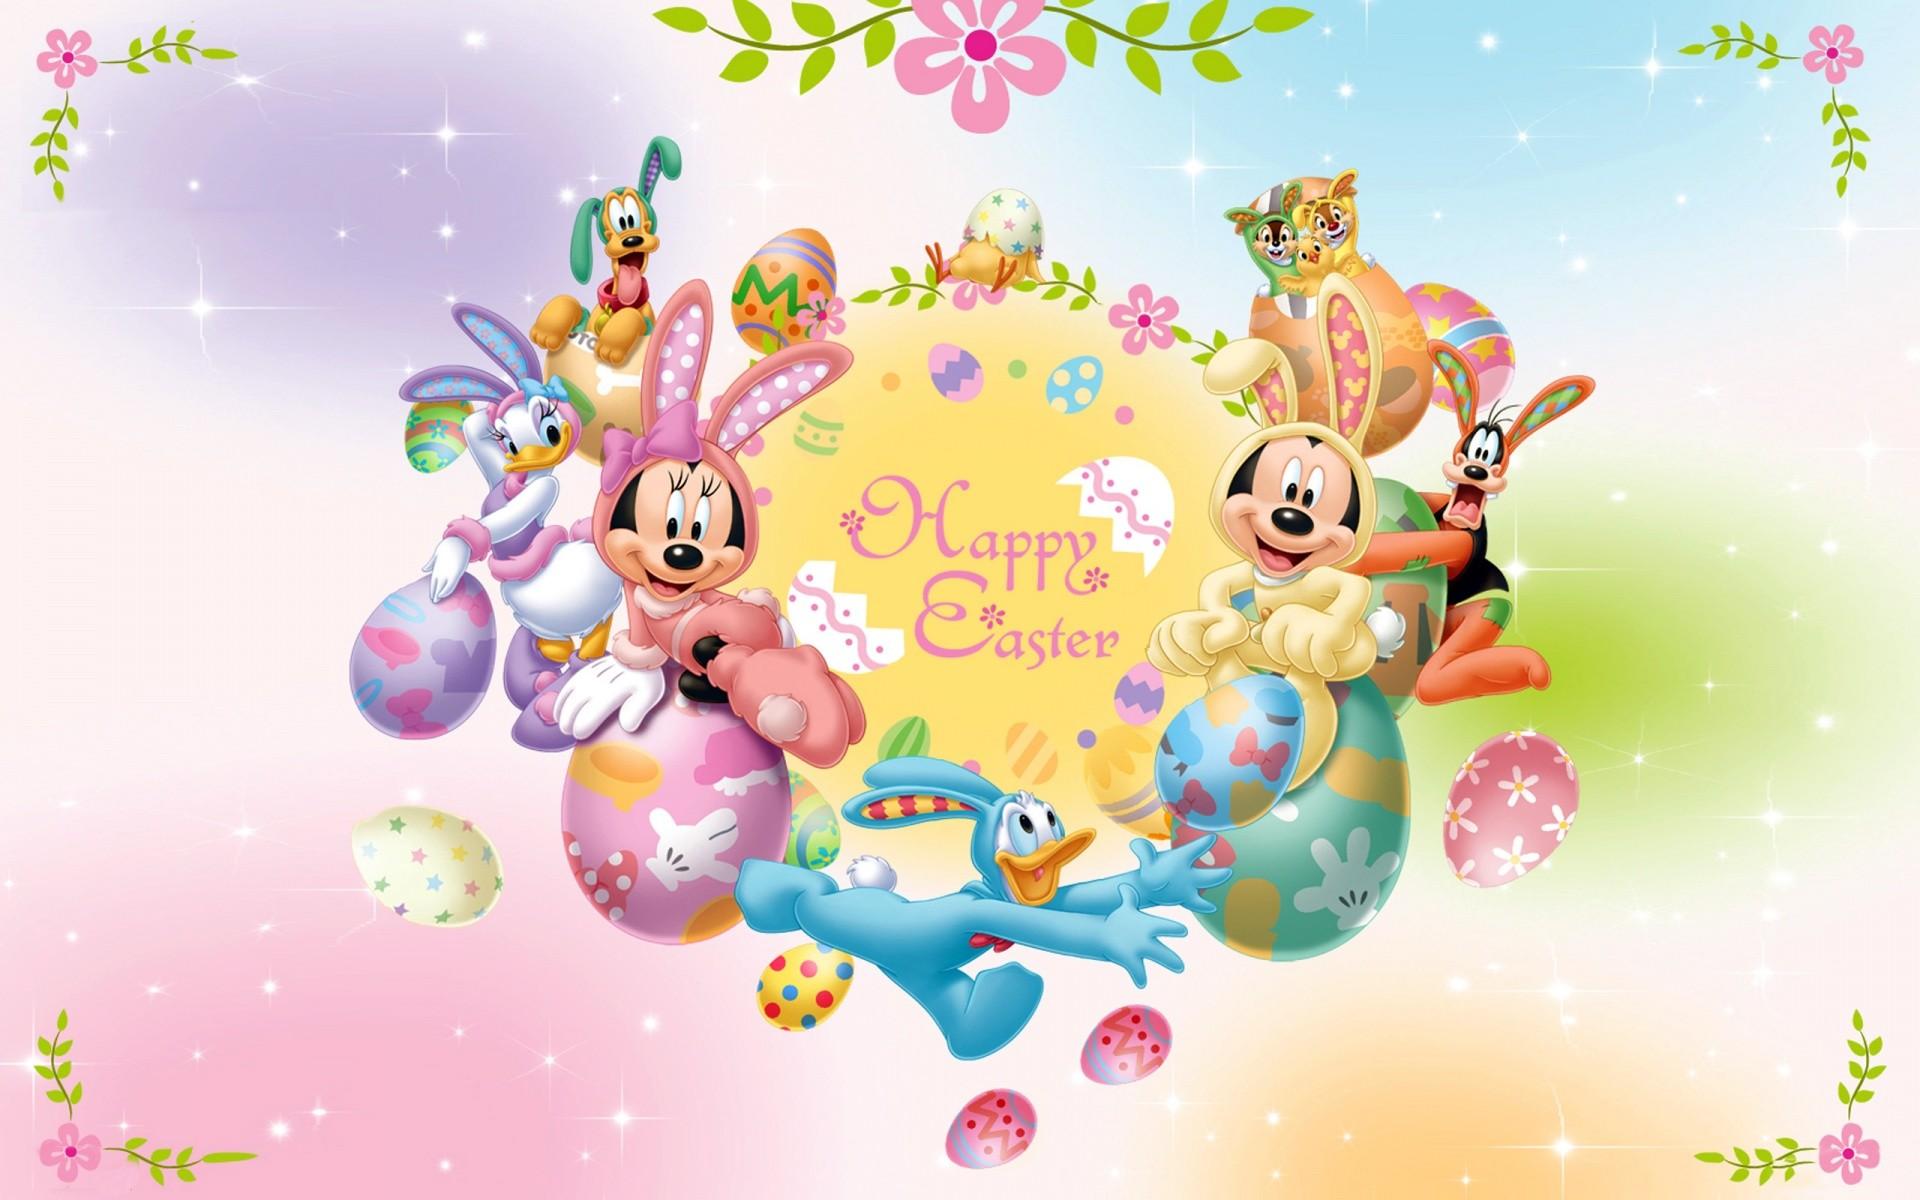 Free Disney Spring Wallpaper